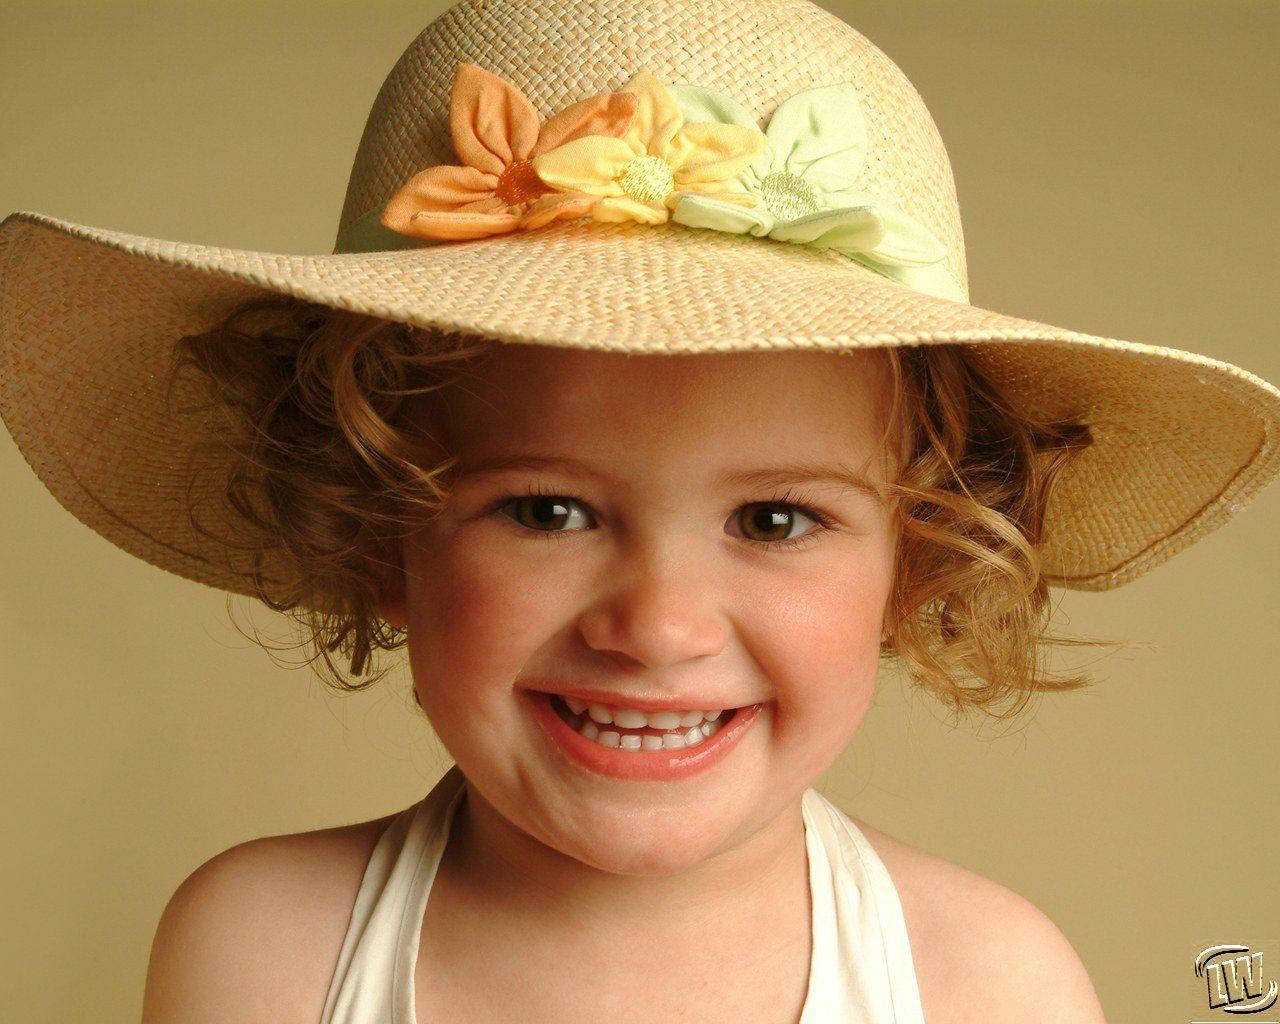 Cute Little Baby Girl With Hat HD Wallpaper | Cute Little ...